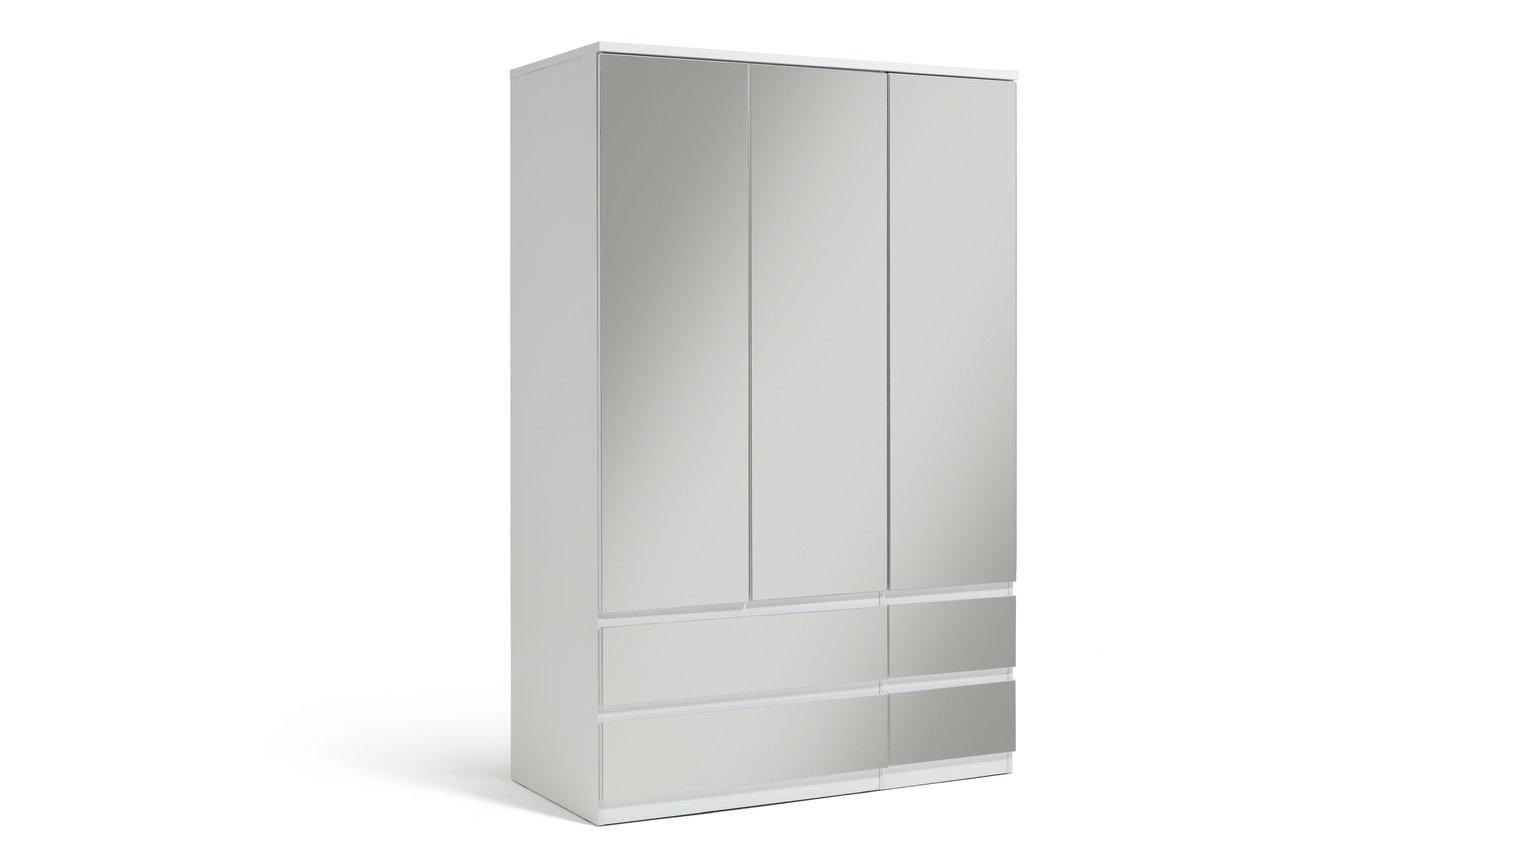 Argos Home Jenson Gloss 3 Dr 4 Drw Mirrored Wardrobe - White